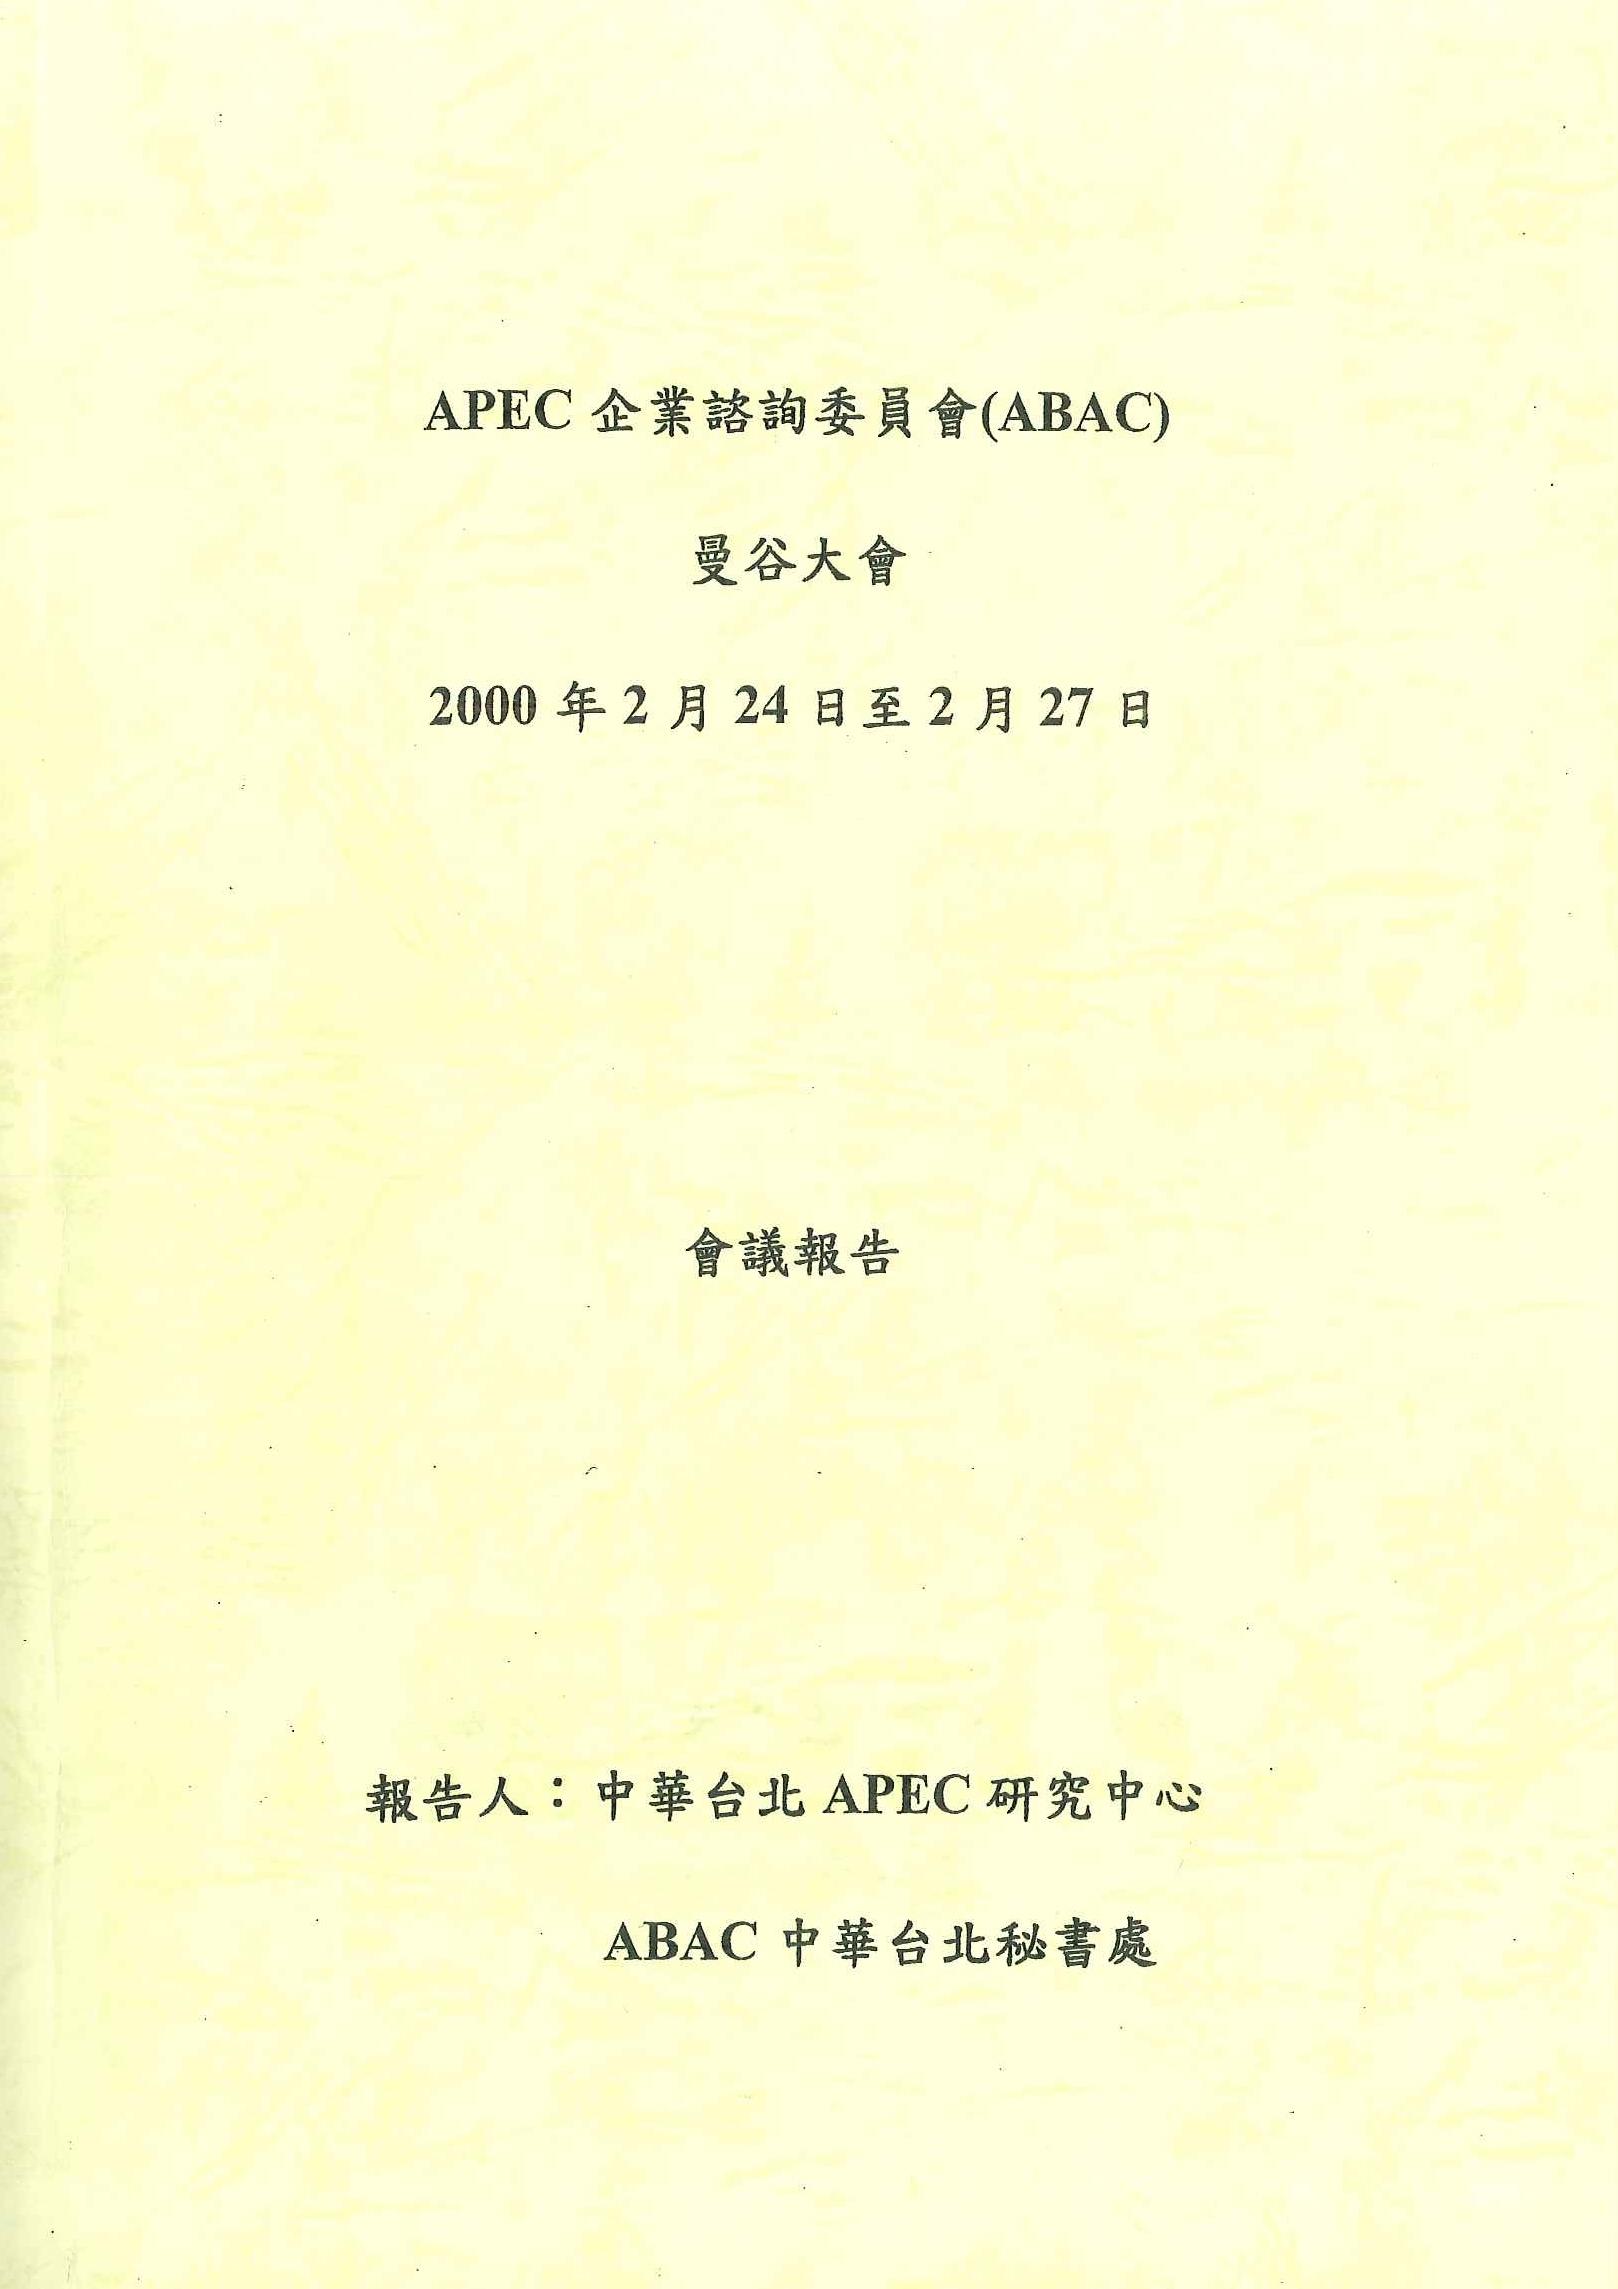 APEC企業諮詢委員會(ABAC)曼谷大會會議報告